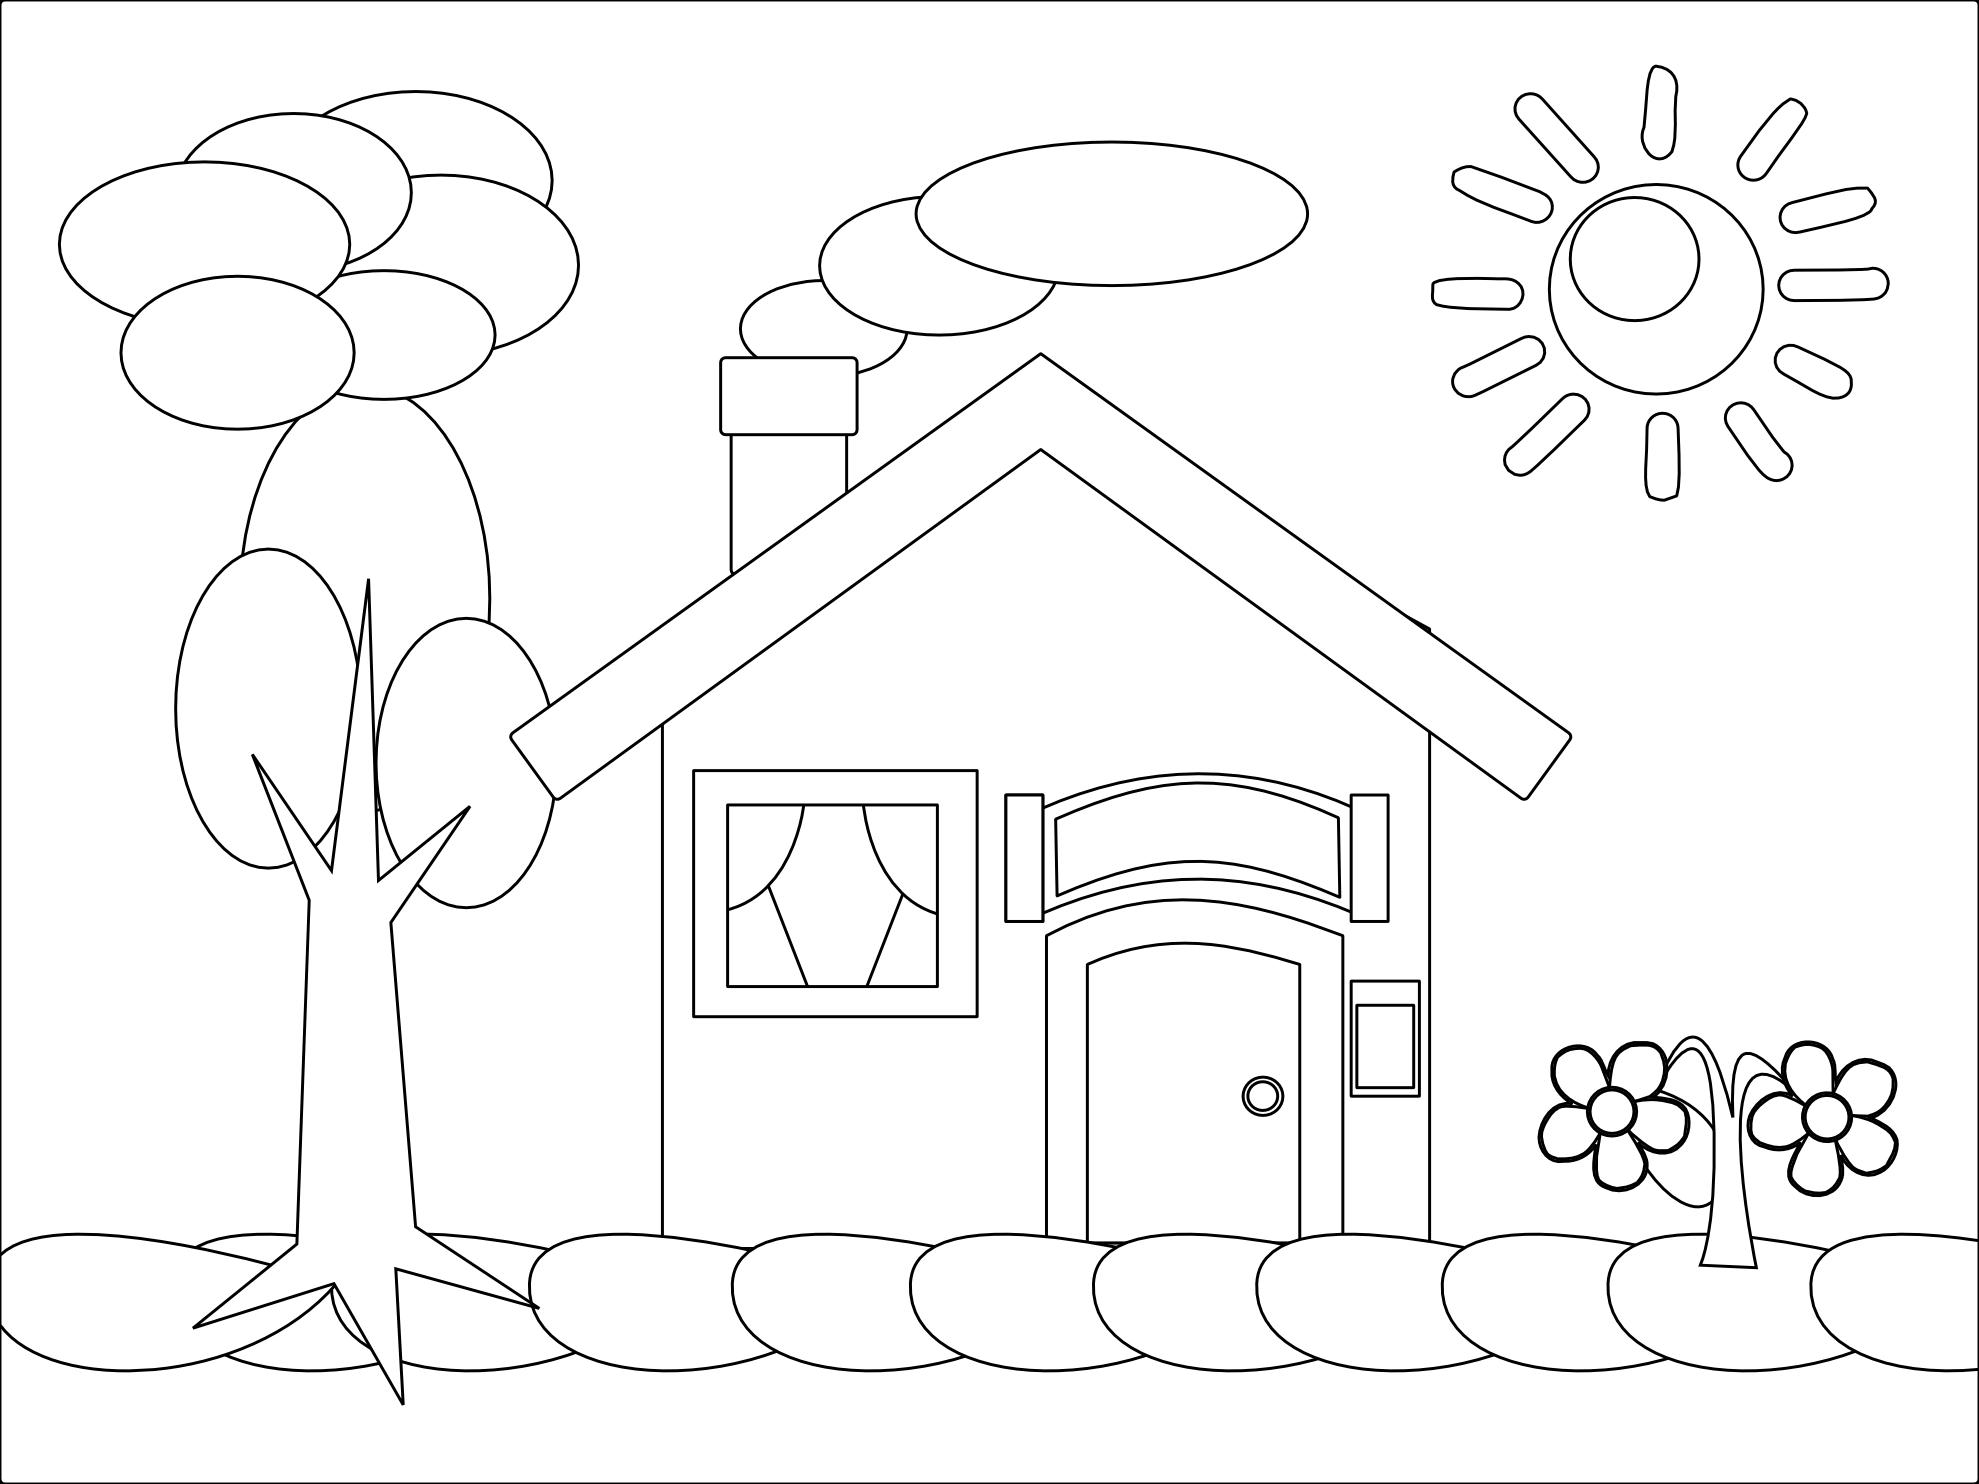 87 dessins de coloriage maison à imprimer sur laguerche com page 9